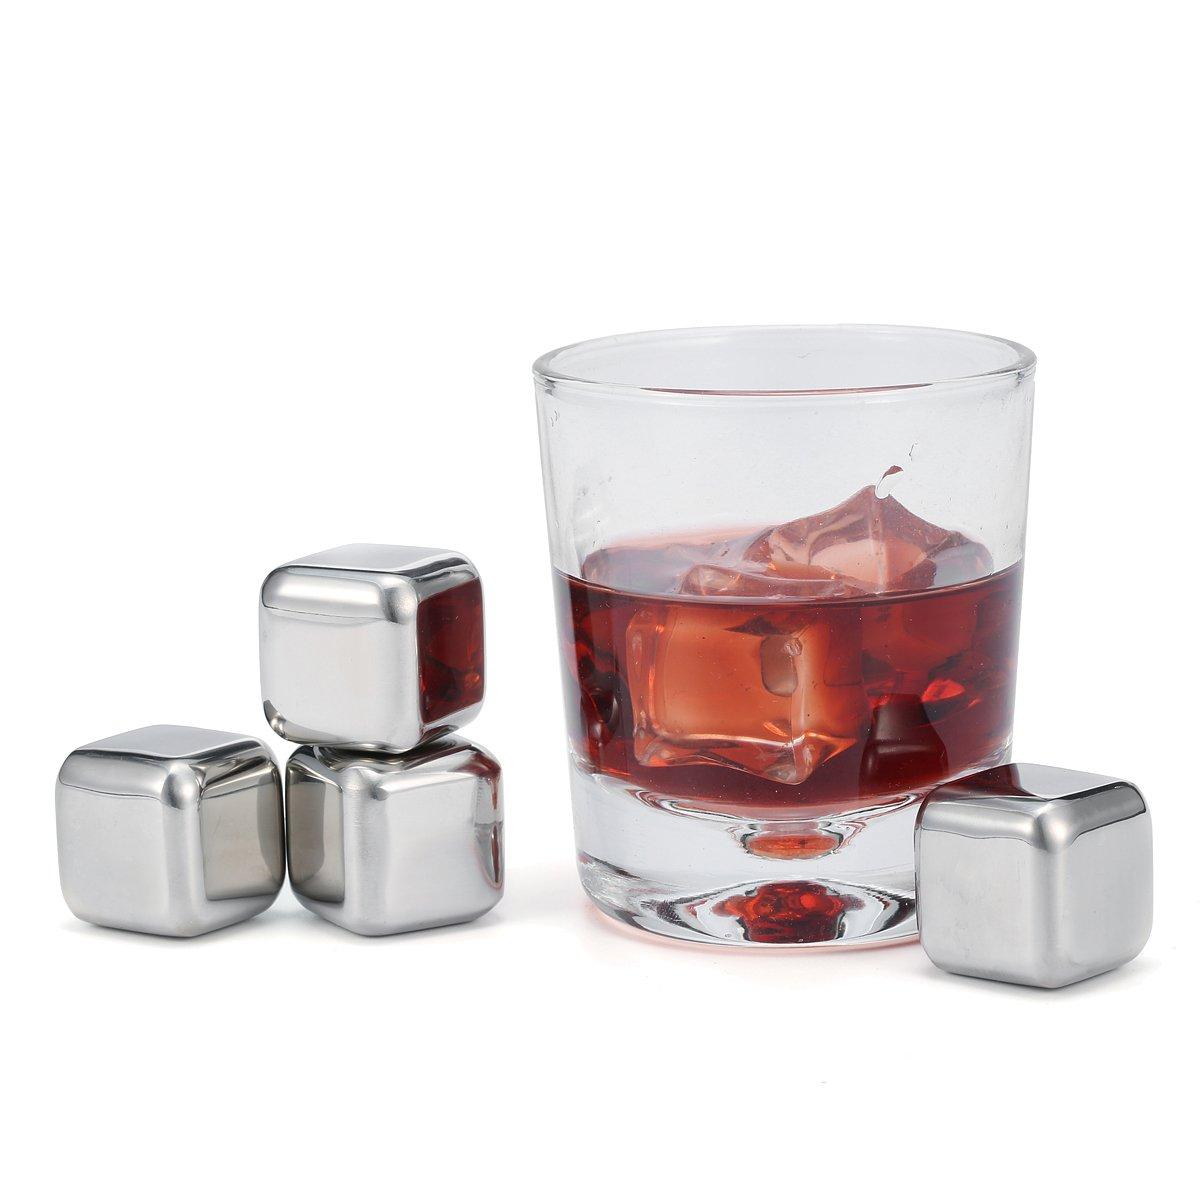 Skymore Whisky Glaç ons en Acier Inoxydable, Chilling Glaç on Ré utilisable, Pierre Froid, Ice Cube pour Vin Boisson Biè re Livré , 2 Mode Optionnelle---4 Pcs Pas Pince et 8 Pcs Avec Pince 4 Pcs Pas Pince Wispury